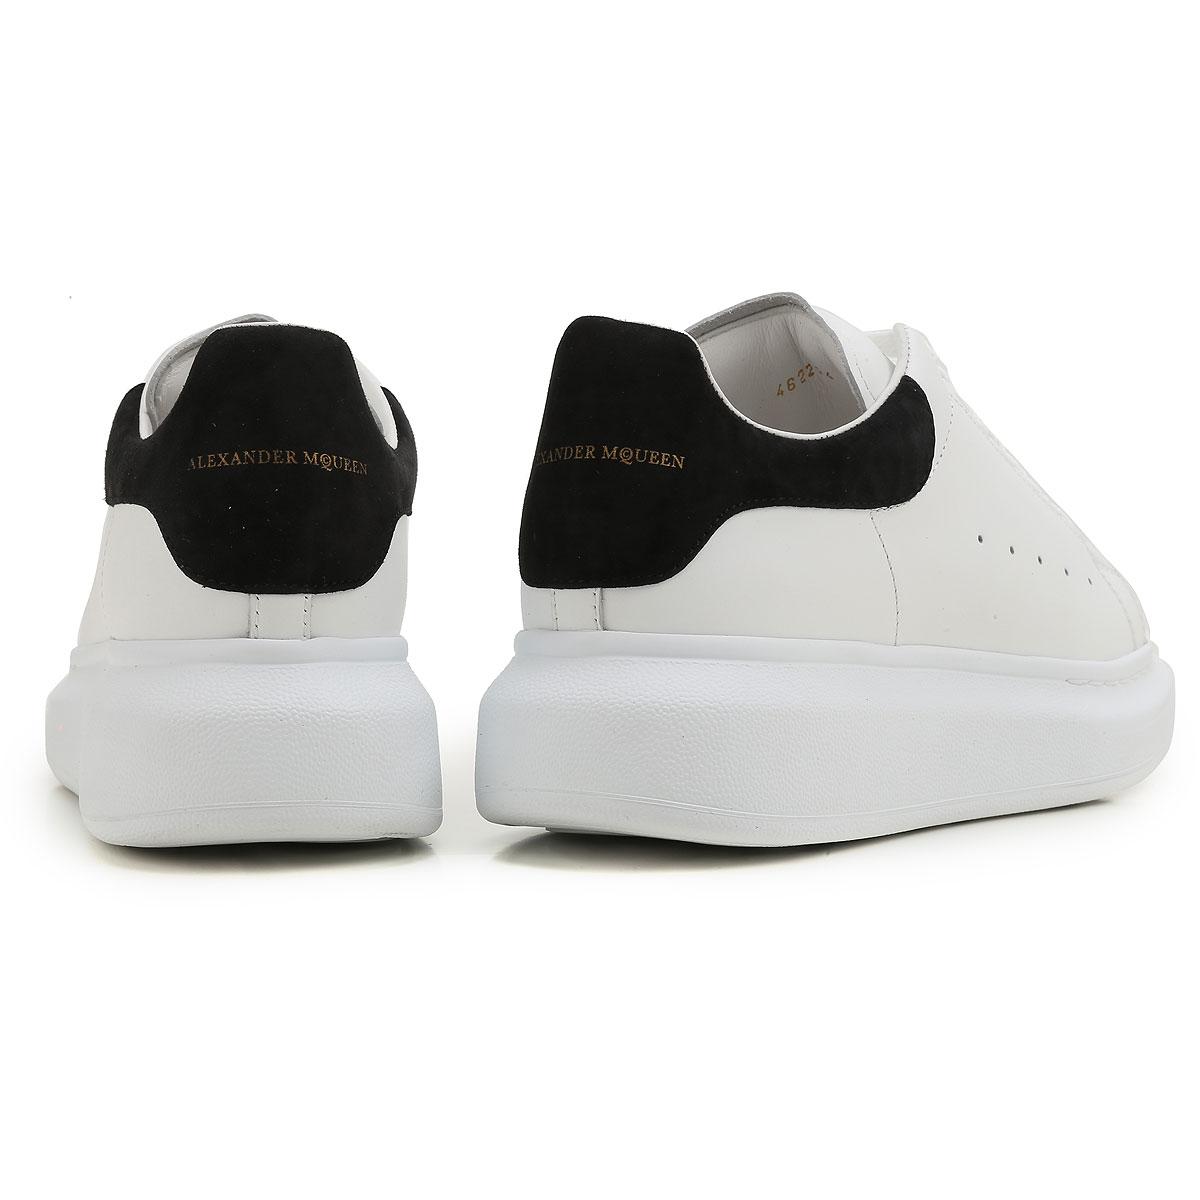 alexander mcqueen sneakers 2018 off 65